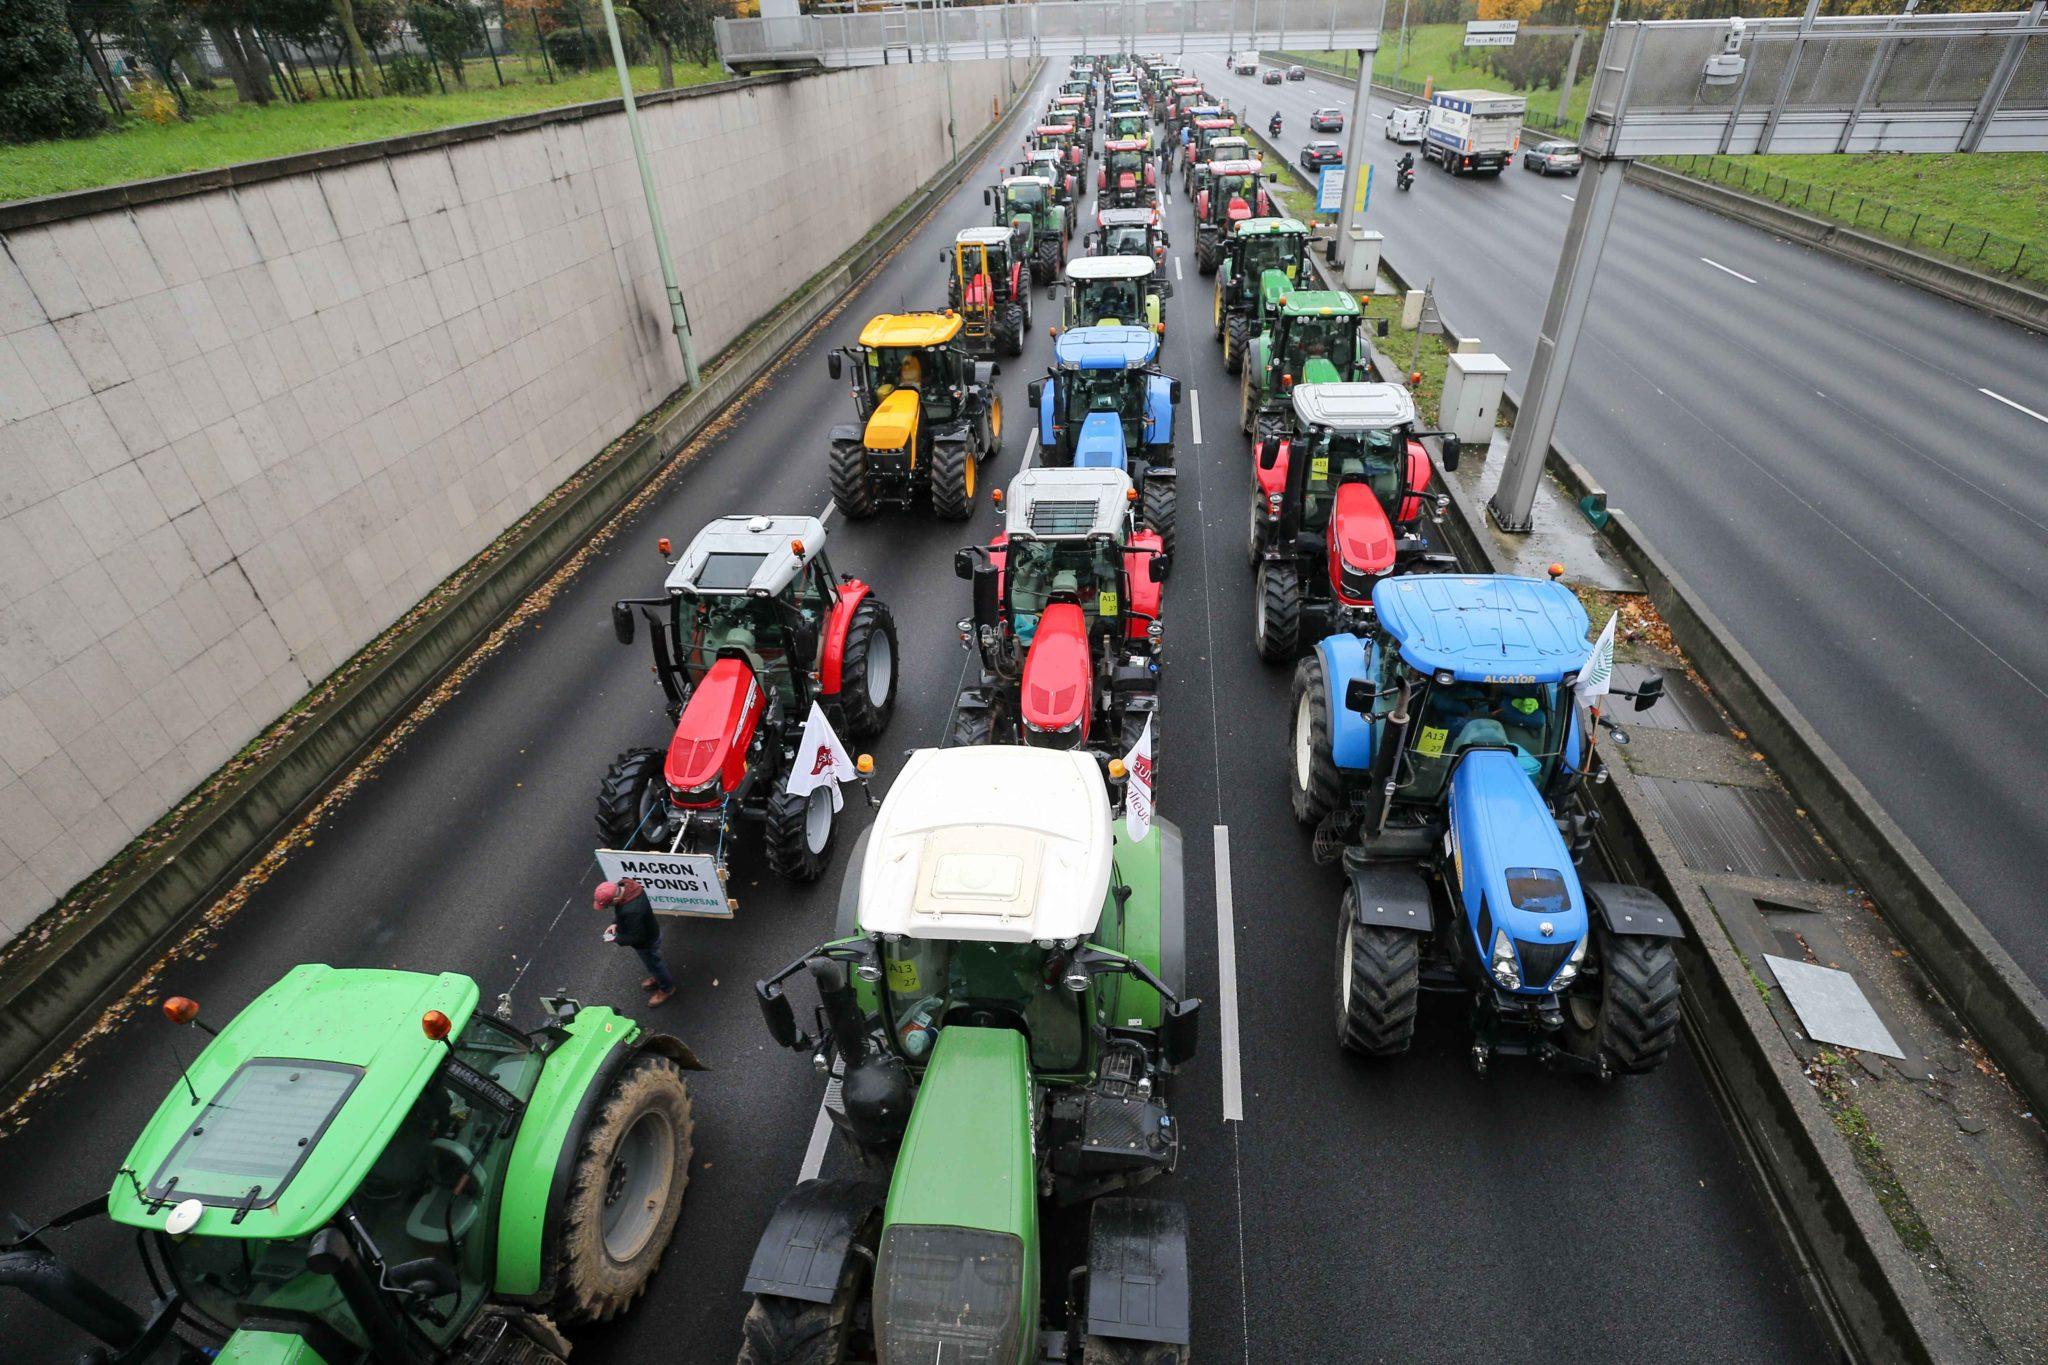 Les agriculteurs conduisent leurs tracteurs sur le périphérique parisien. © Michel Stoupak. Mer 27.11.2019, 11:53:57.